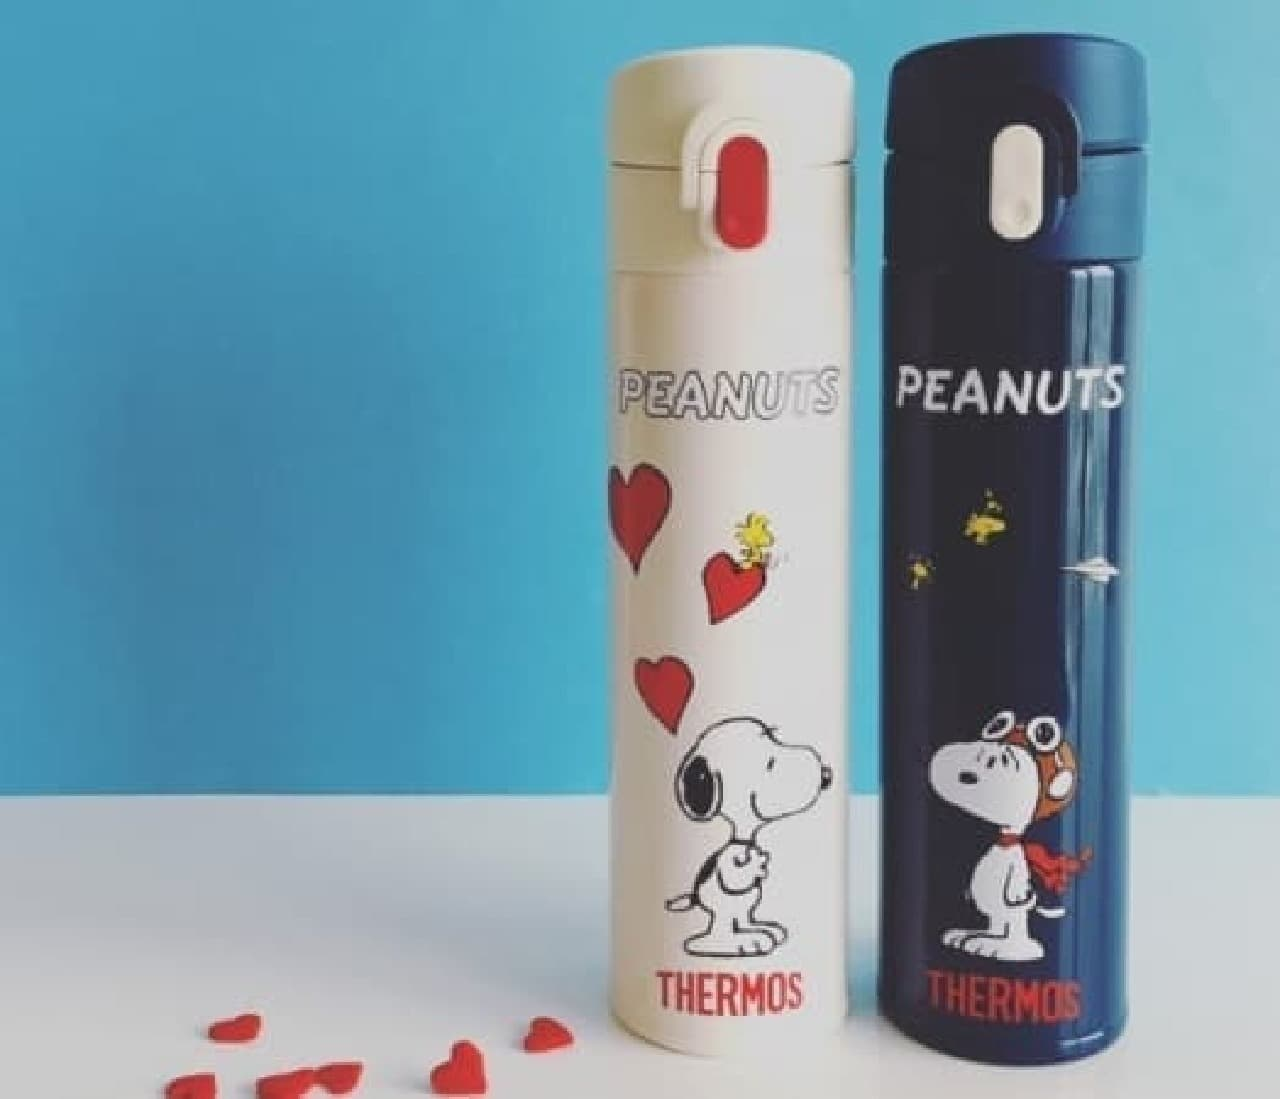 サーモス×PEANUTS、PLAZA限定ボトル